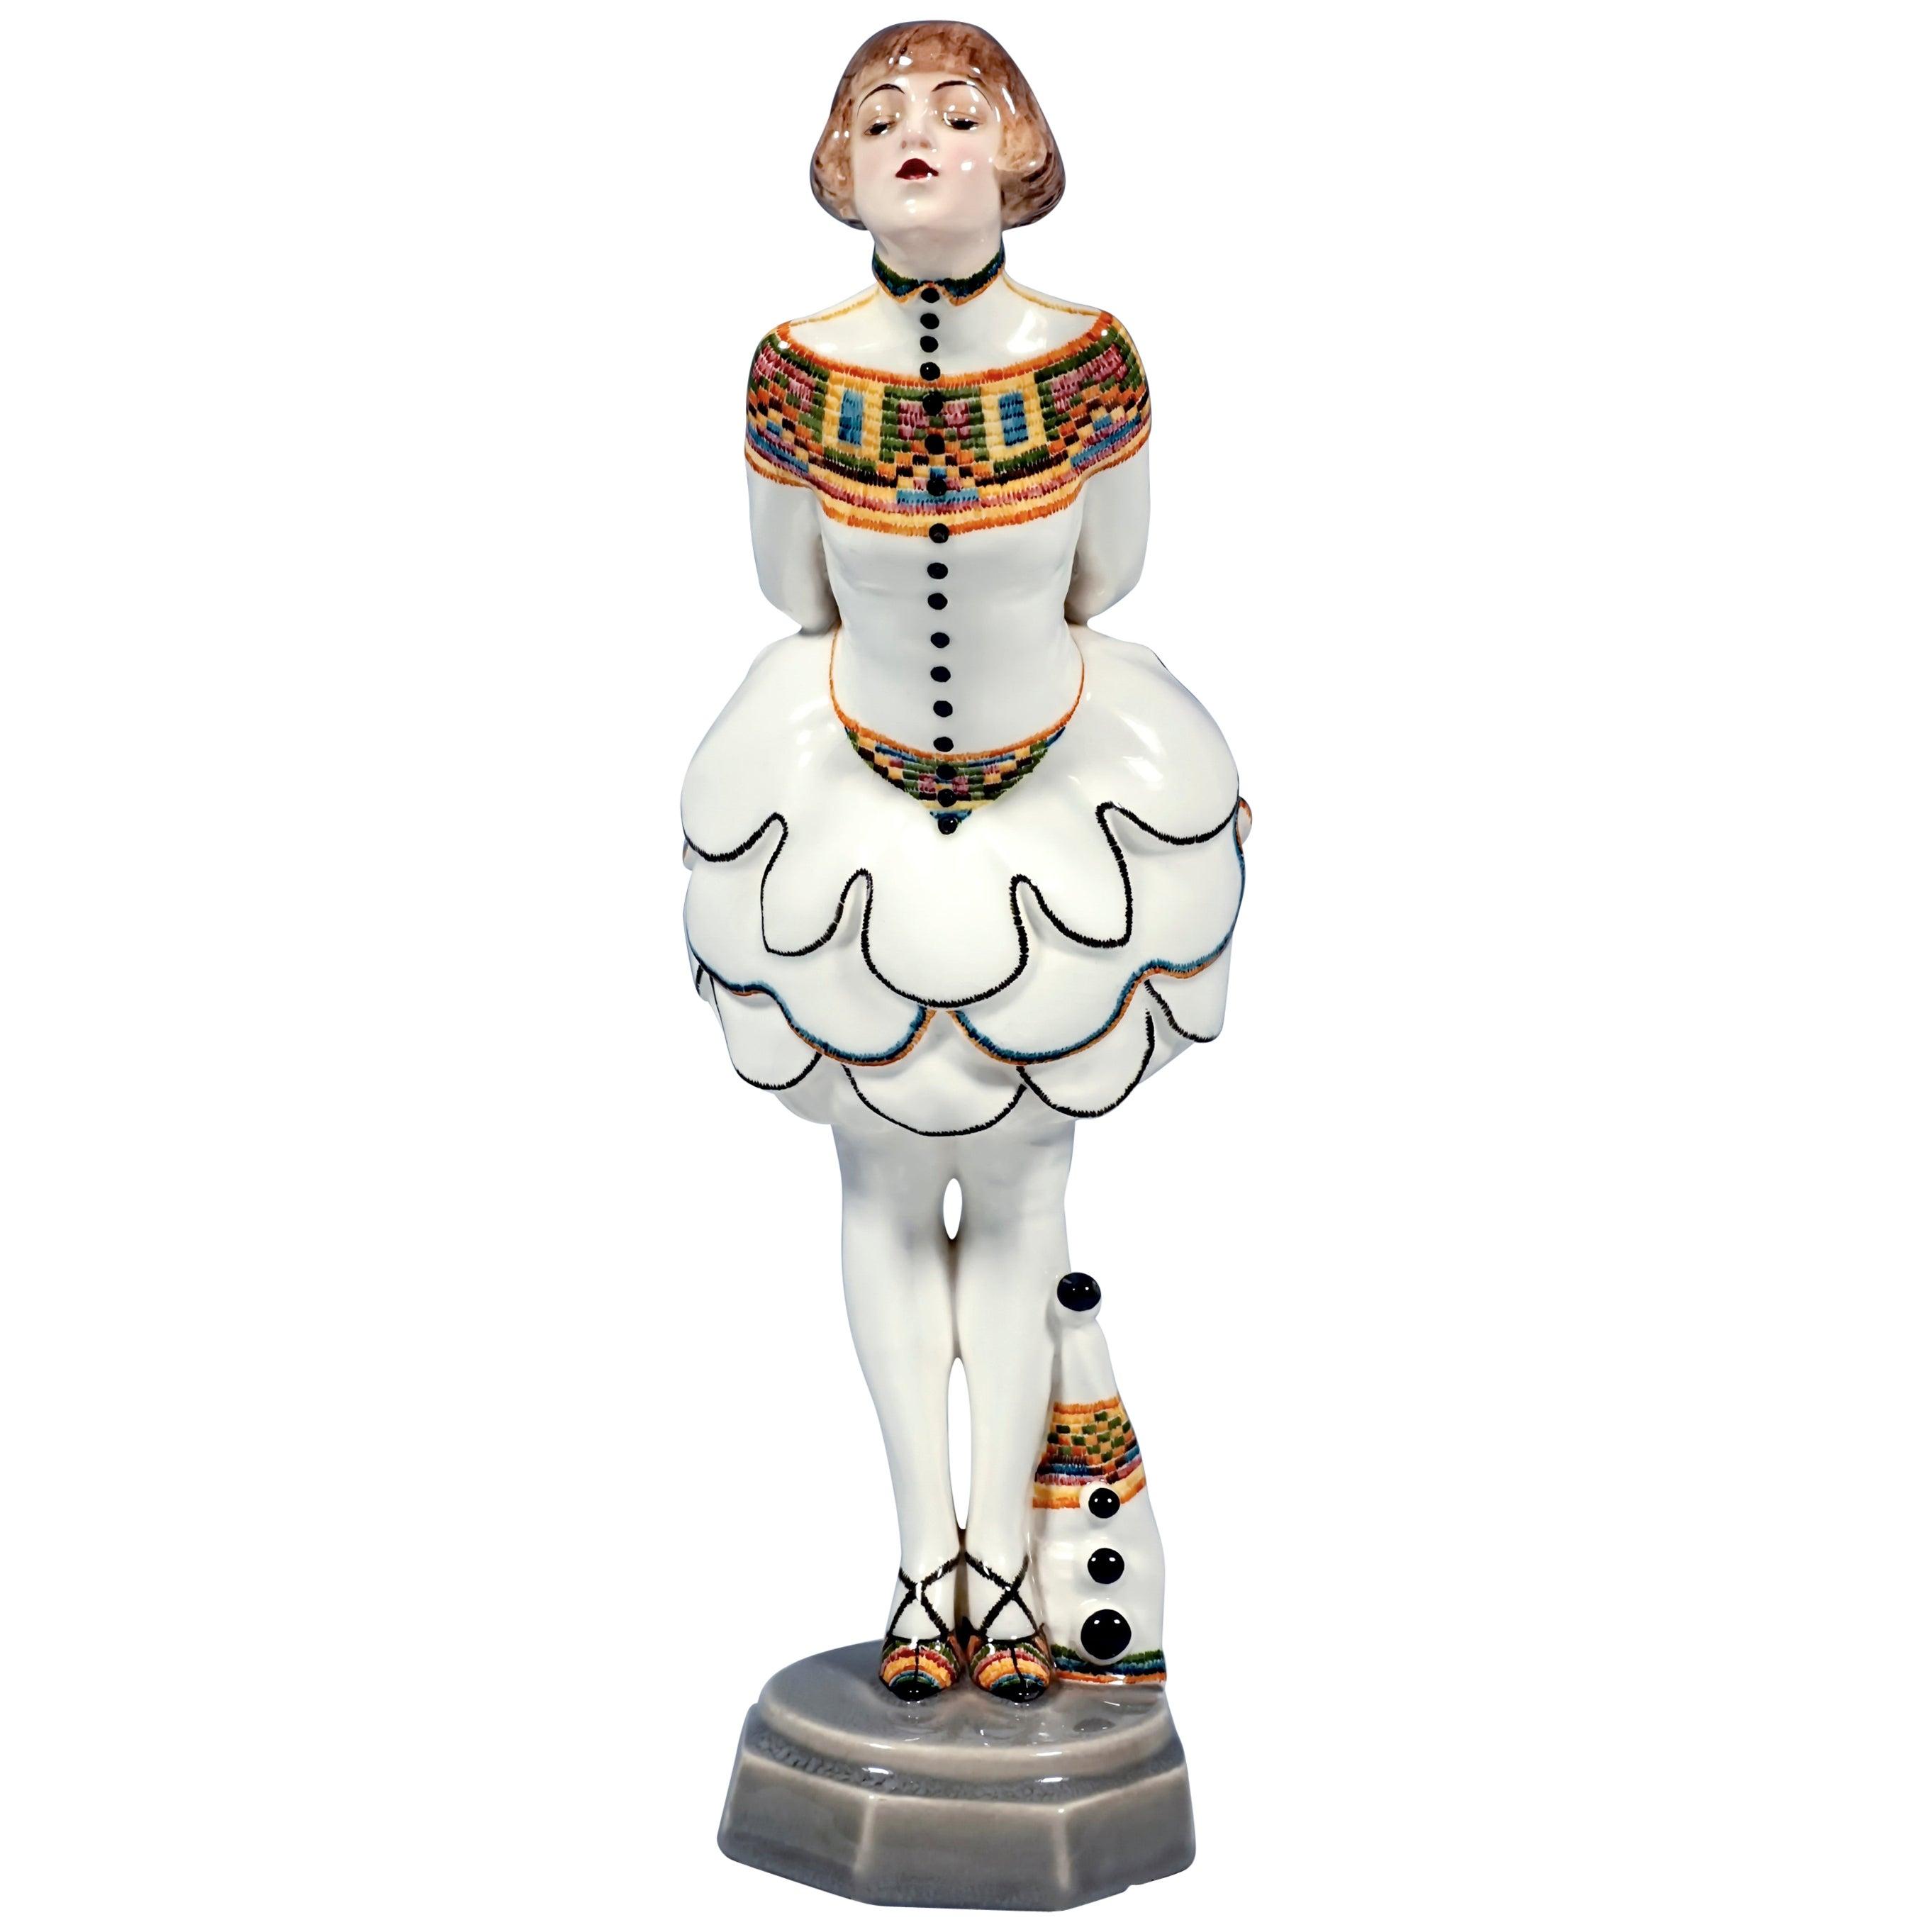 Goldscheider Figurine Pierrette With Balloon Skirt by Josef Lorenzl, ca 1925